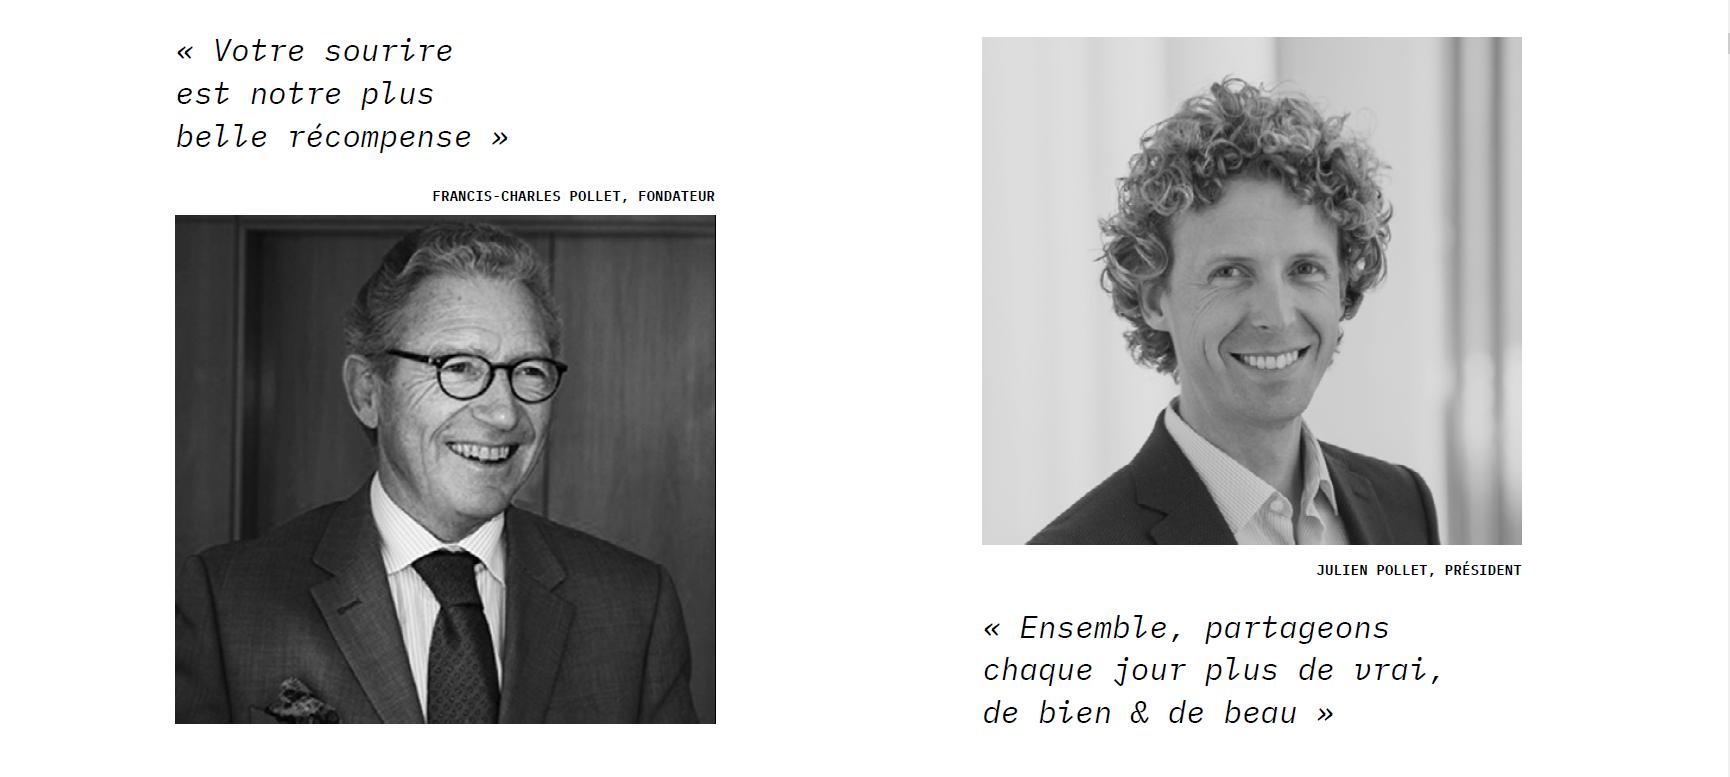 Francis-Charles et Julien Pollet